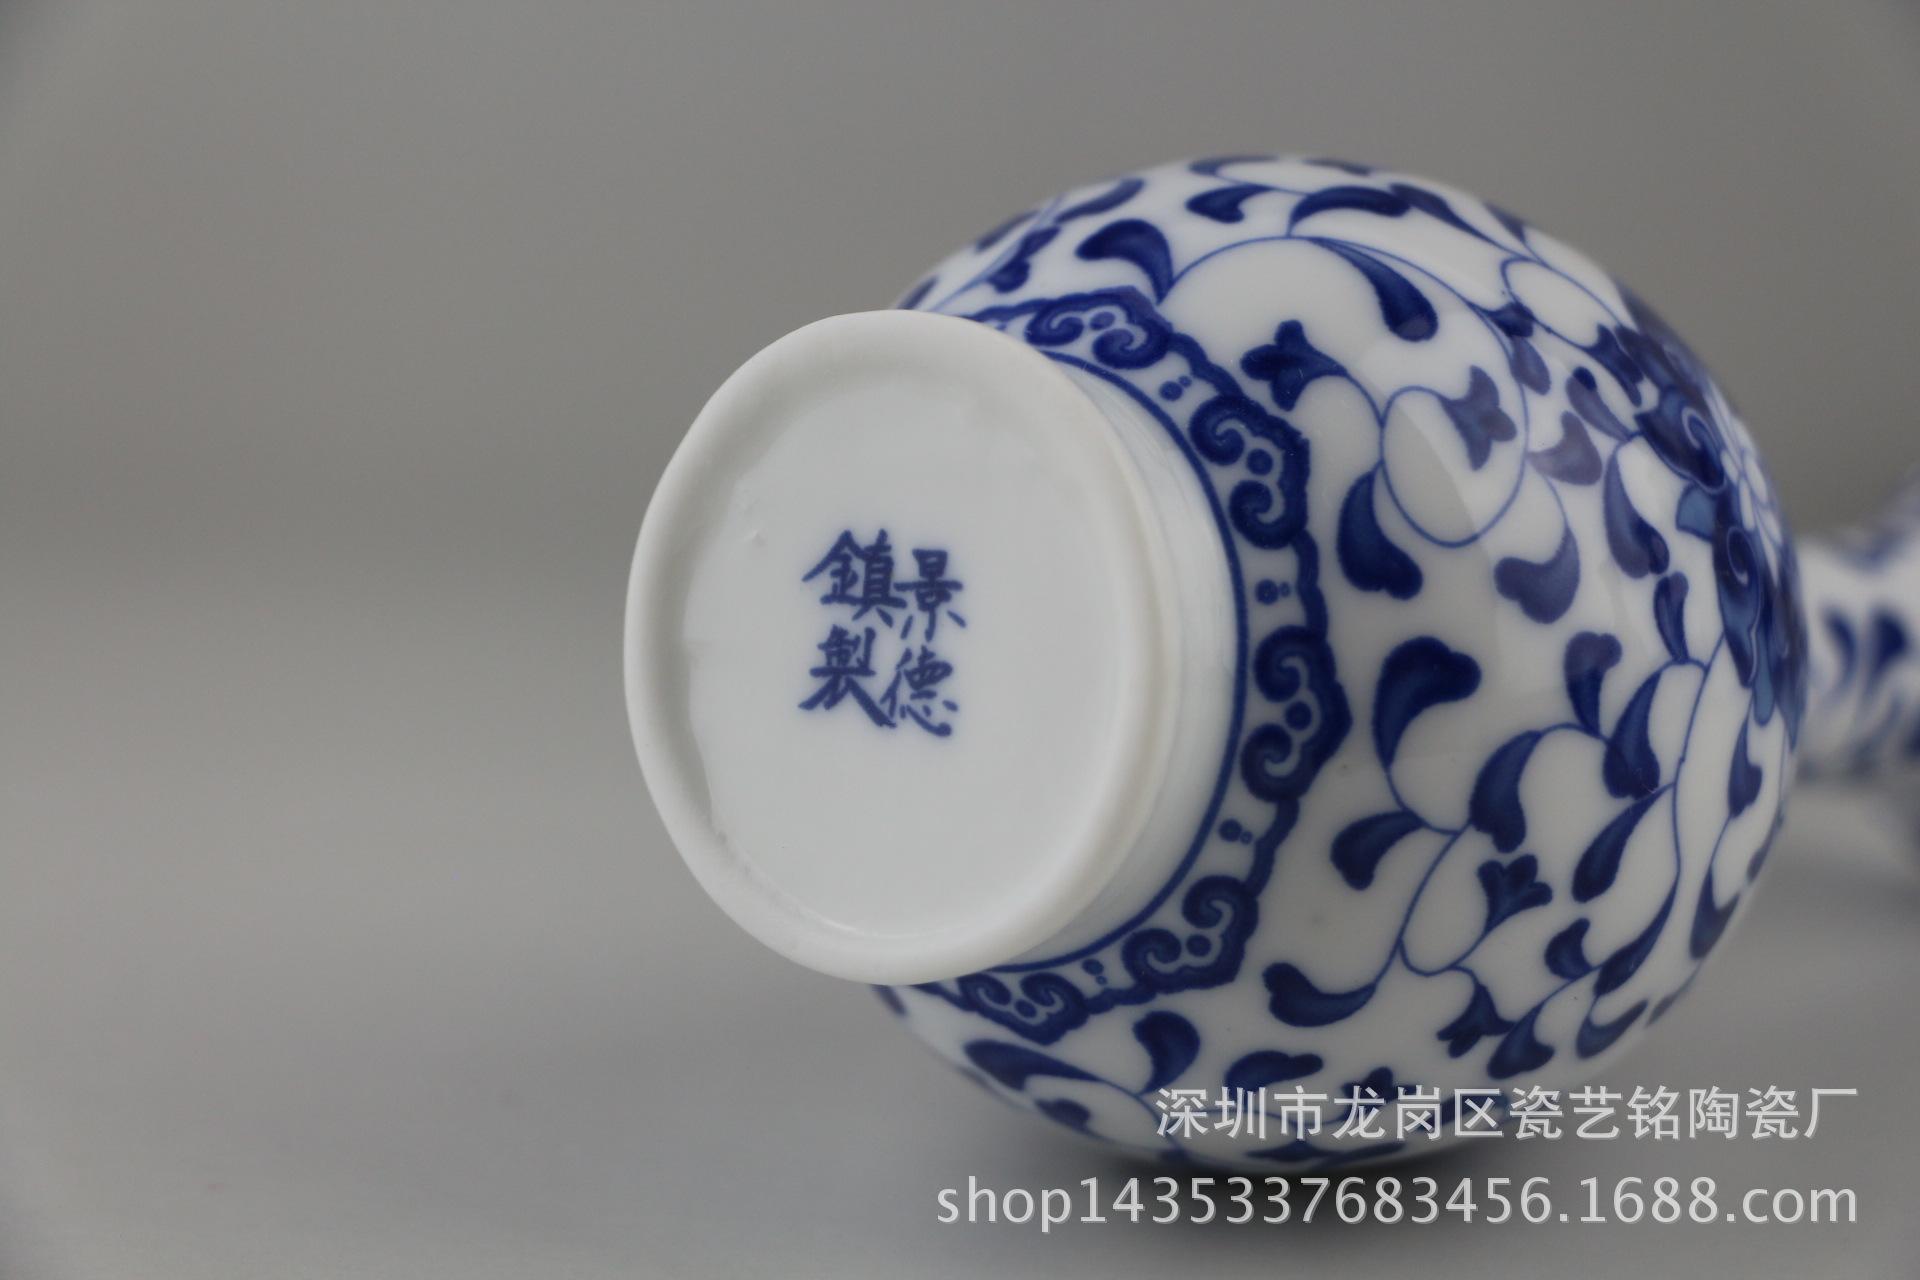 摆件 景德镇 青花瓷 迷你小花瓶花器多肉花盆创意水培家居简约 阿里